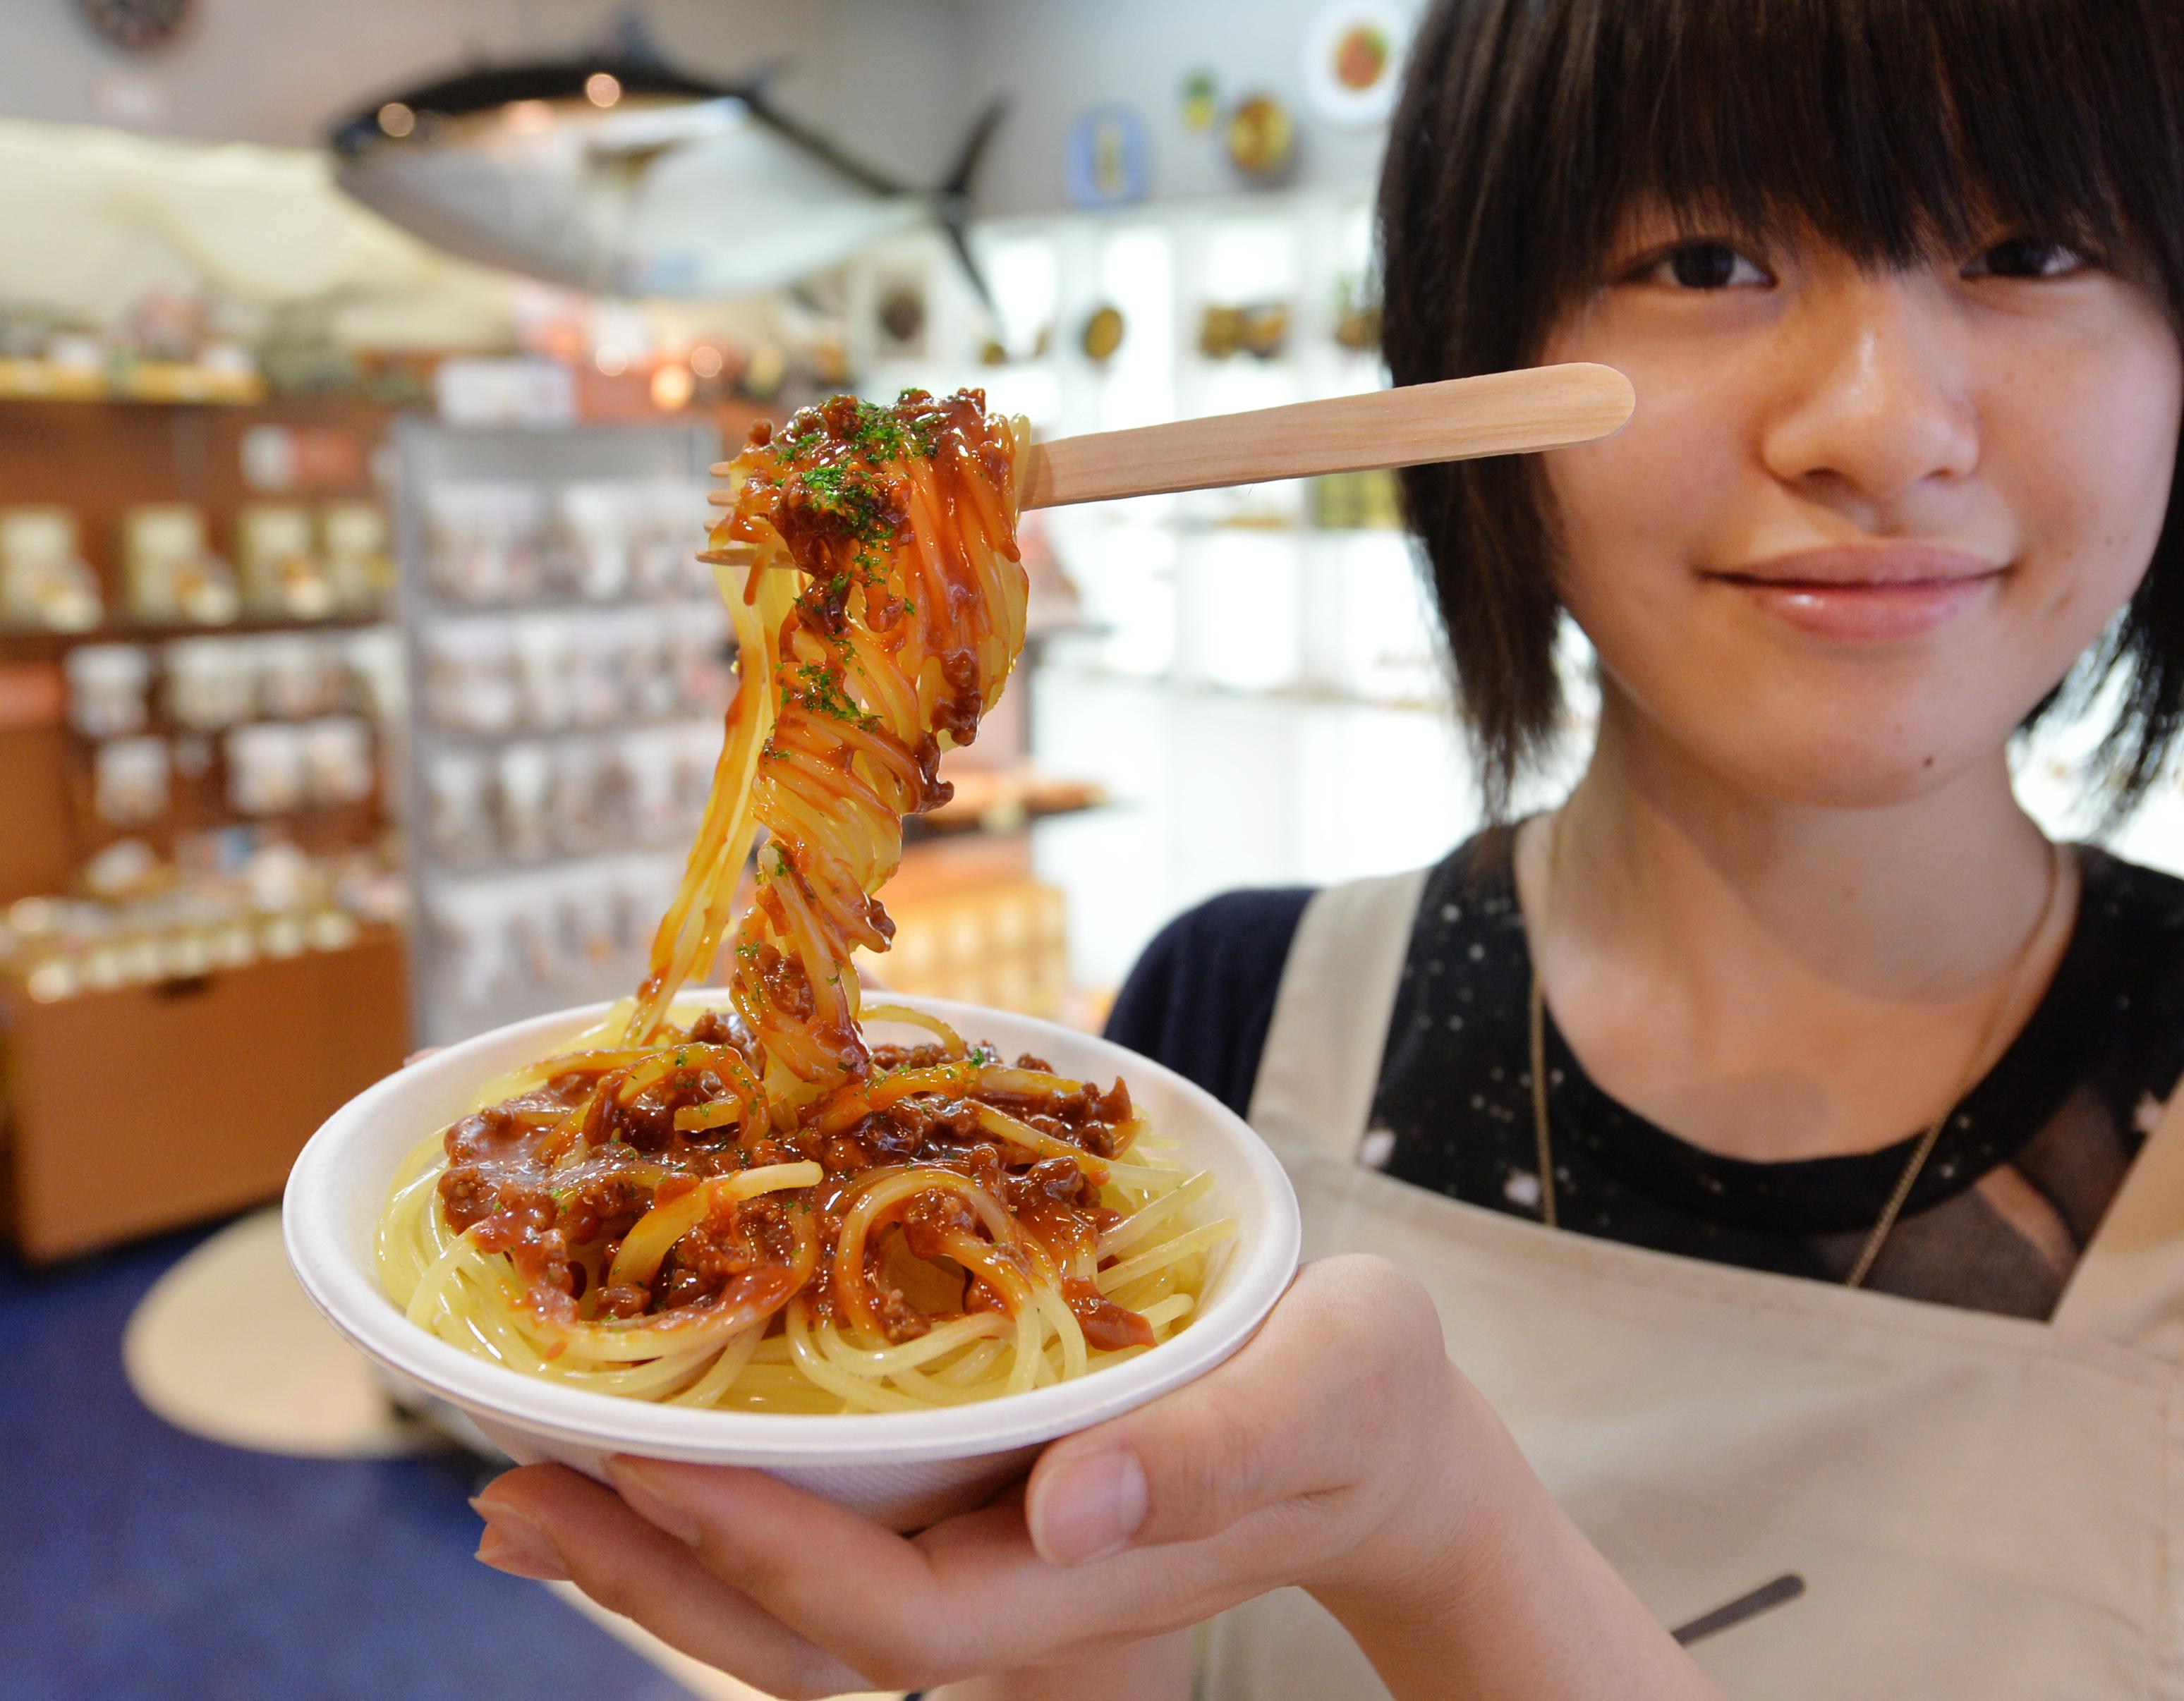 Giappone: nei ristoranti arrivano i menù tridimensionali (VIDEO)